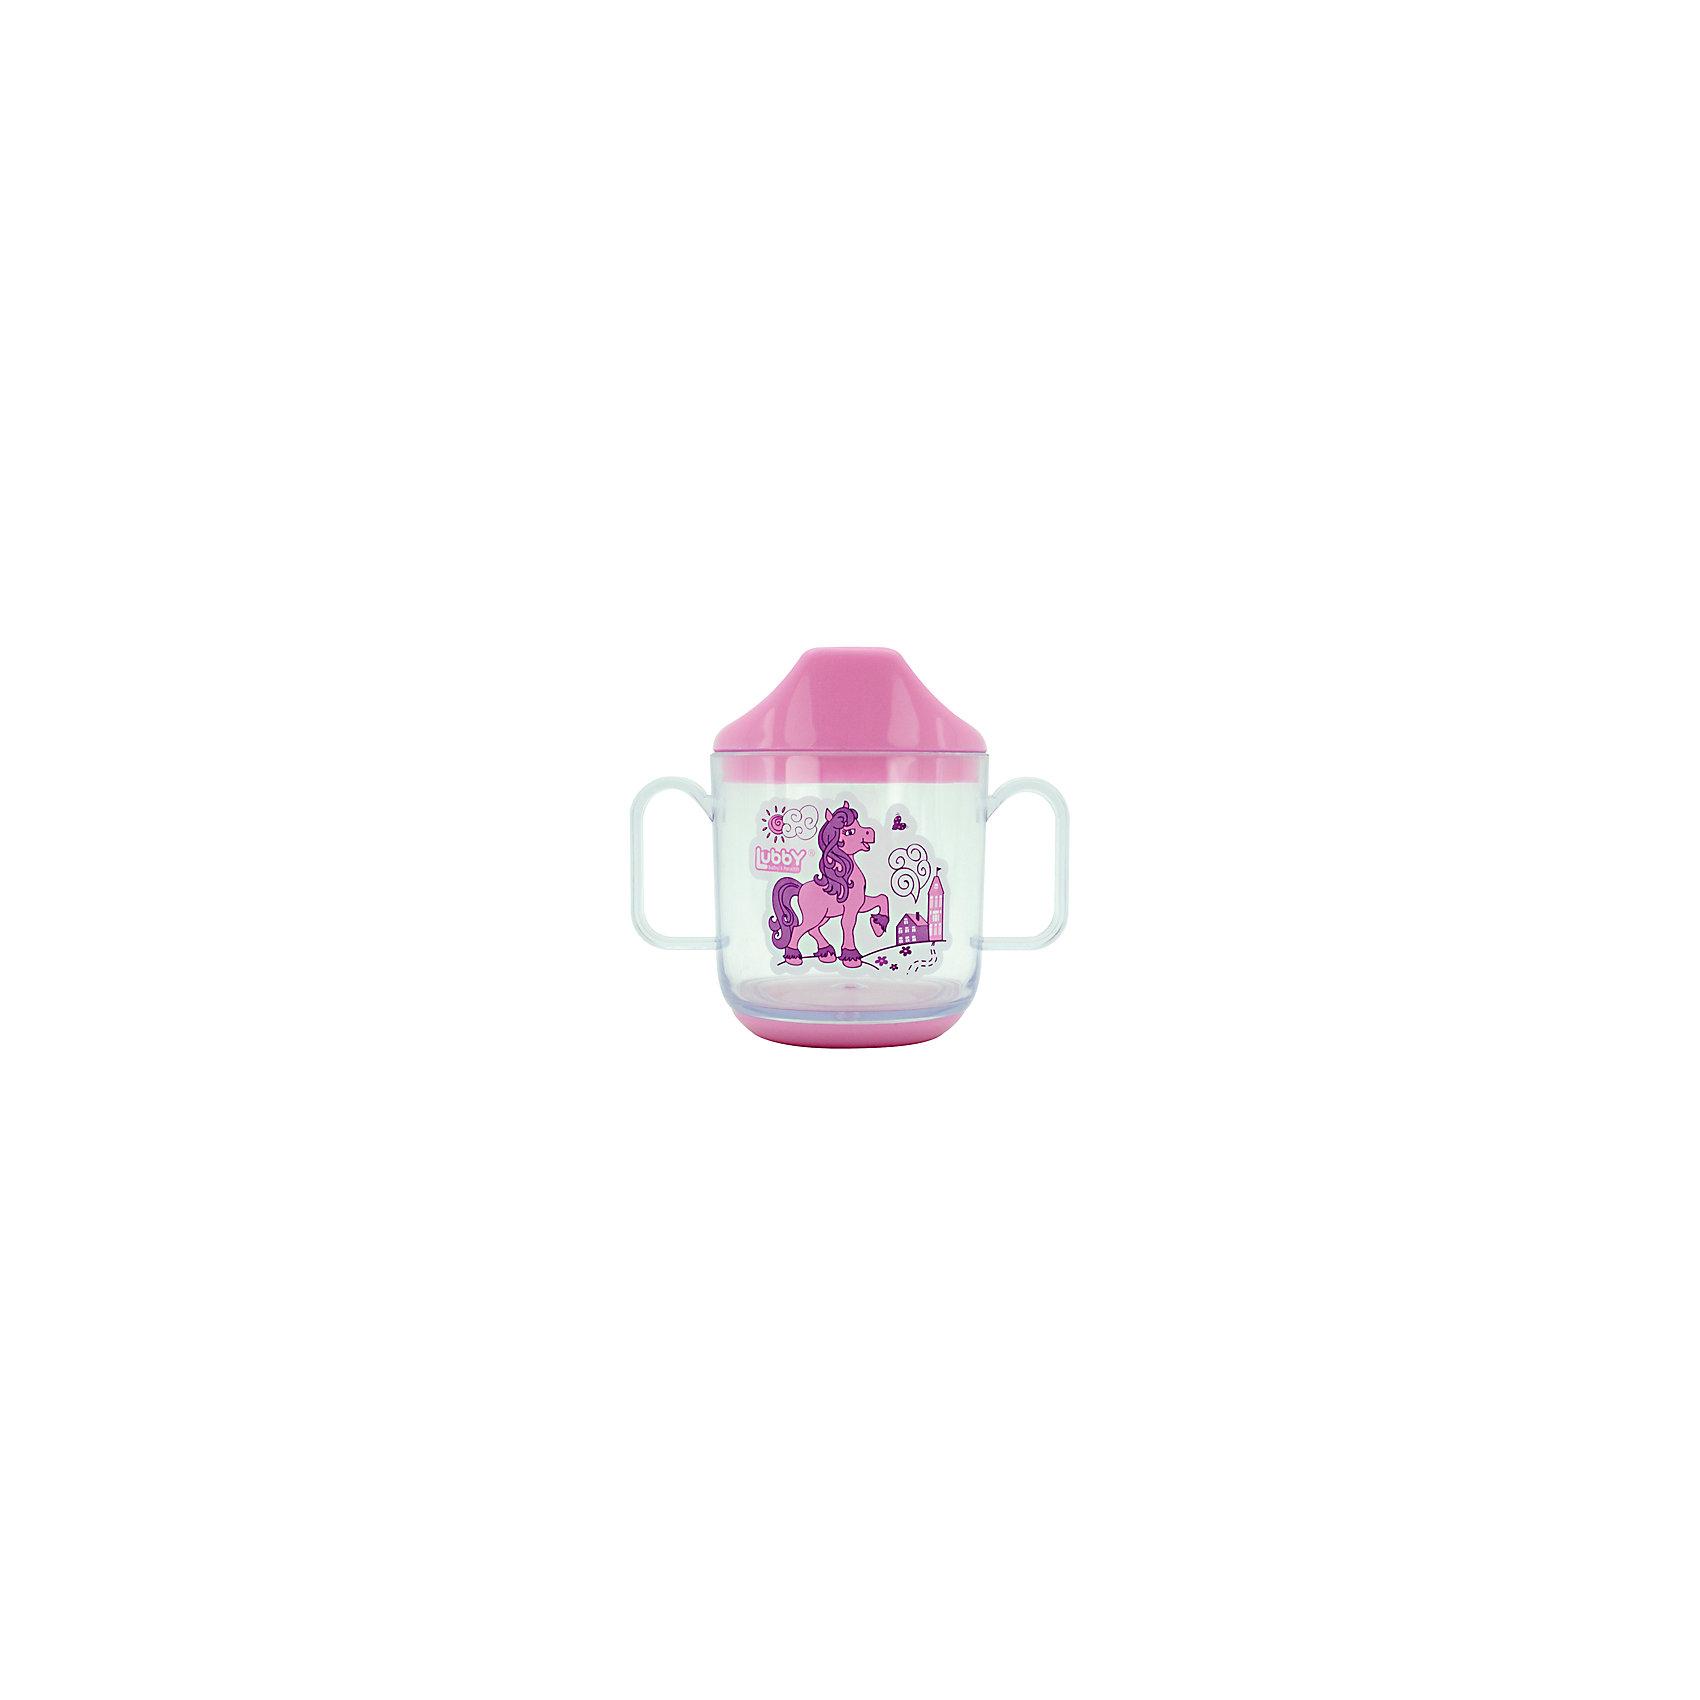 Кружка-поильник Веселые животные от 6 мес. 150 мл., LUBBY, розовыйКружка-поильник Веселые животные от 6 мес. 150 мл., LUBBY, розовый.<br><br>Характеристики:<br><br>- Объем: 150 мл.<br>- Цвет: розовый<br>- Высота: 9,5 см.<br>- Диаметр: 7,5 см.<br>- Материал: кружка - стиролакрилонитрил, крышка - полипропилен, дно - безопасный пластик (ABS)<br>- Не содержит бисфенол-А<br>- Размер упаковки: 14x7x19 см.<br>- Срок службы: 1 год<br>- Уход: Перед каждым использованием кружку-поильник необходимо мыть теплой водой с мылом, тщательно ополаскивать<br><br>Эргономичная тренировочная кружка «Веселые животные» поможет вашему малышу легко обучиться навыкам питья из чашки. Специальная крышечка имеет носик, который превращает кружку в поильник. Шкала на кружке позволит точно отмерить необходимое количество жидкости. Кружка дополнена удобными ручками, благодаря которым малыш может удерживать ее самостоятельно. Кружка-поильник имеет широкое устойчивое основание, защищающее ее от опрокидывания. Изделие выполнено из высококачественных и абсолютно безопасных для здоровья материалов. Забавный рисунок выполнен из красителей, не содержащих опасных веществ.<br><br>Кружку-поильник Веселые животные от 6 мес. 150 мл., LUBBY, розовую можно купить в нашем интернет-магазине.<br><br>Ширина мм: 140<br>Глубина мм: 70<br>Высота мм: 190<br>Вес г: 350<br>Возраст от месяцев: 6<br>Возраст до месяцев: 36<br>Пол: Женский<br>Возраст: Детский<br>SKU: 5039286